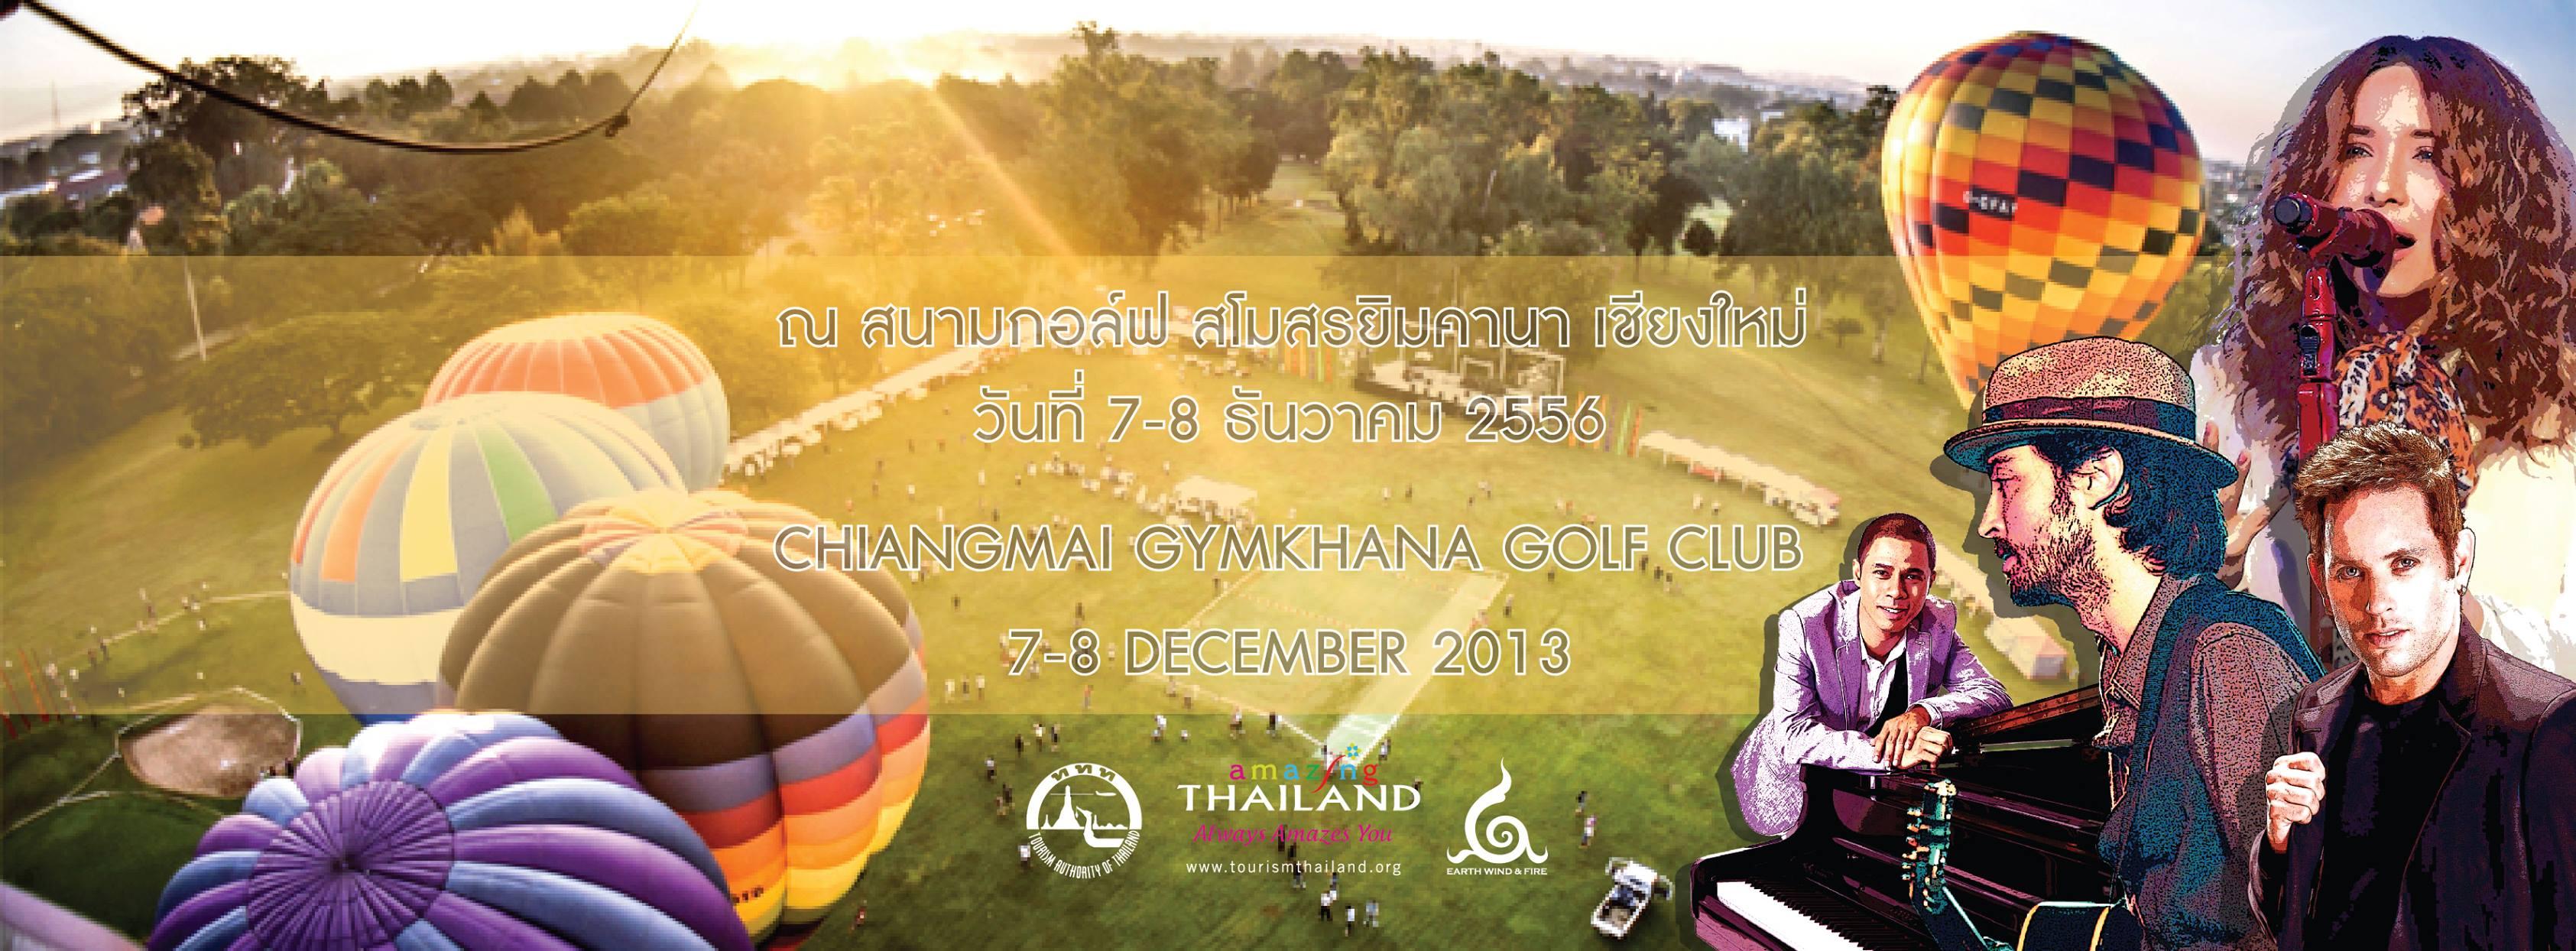 เทศกาลบอลลูนนานาชาติ ครั้งที่ 7 (Thailand International Balloon Festival 2013) 7-8 ธันวาคม 2556 ณ สนามกอล์ฟ สโมสรยิมคานาเชียงใหม่